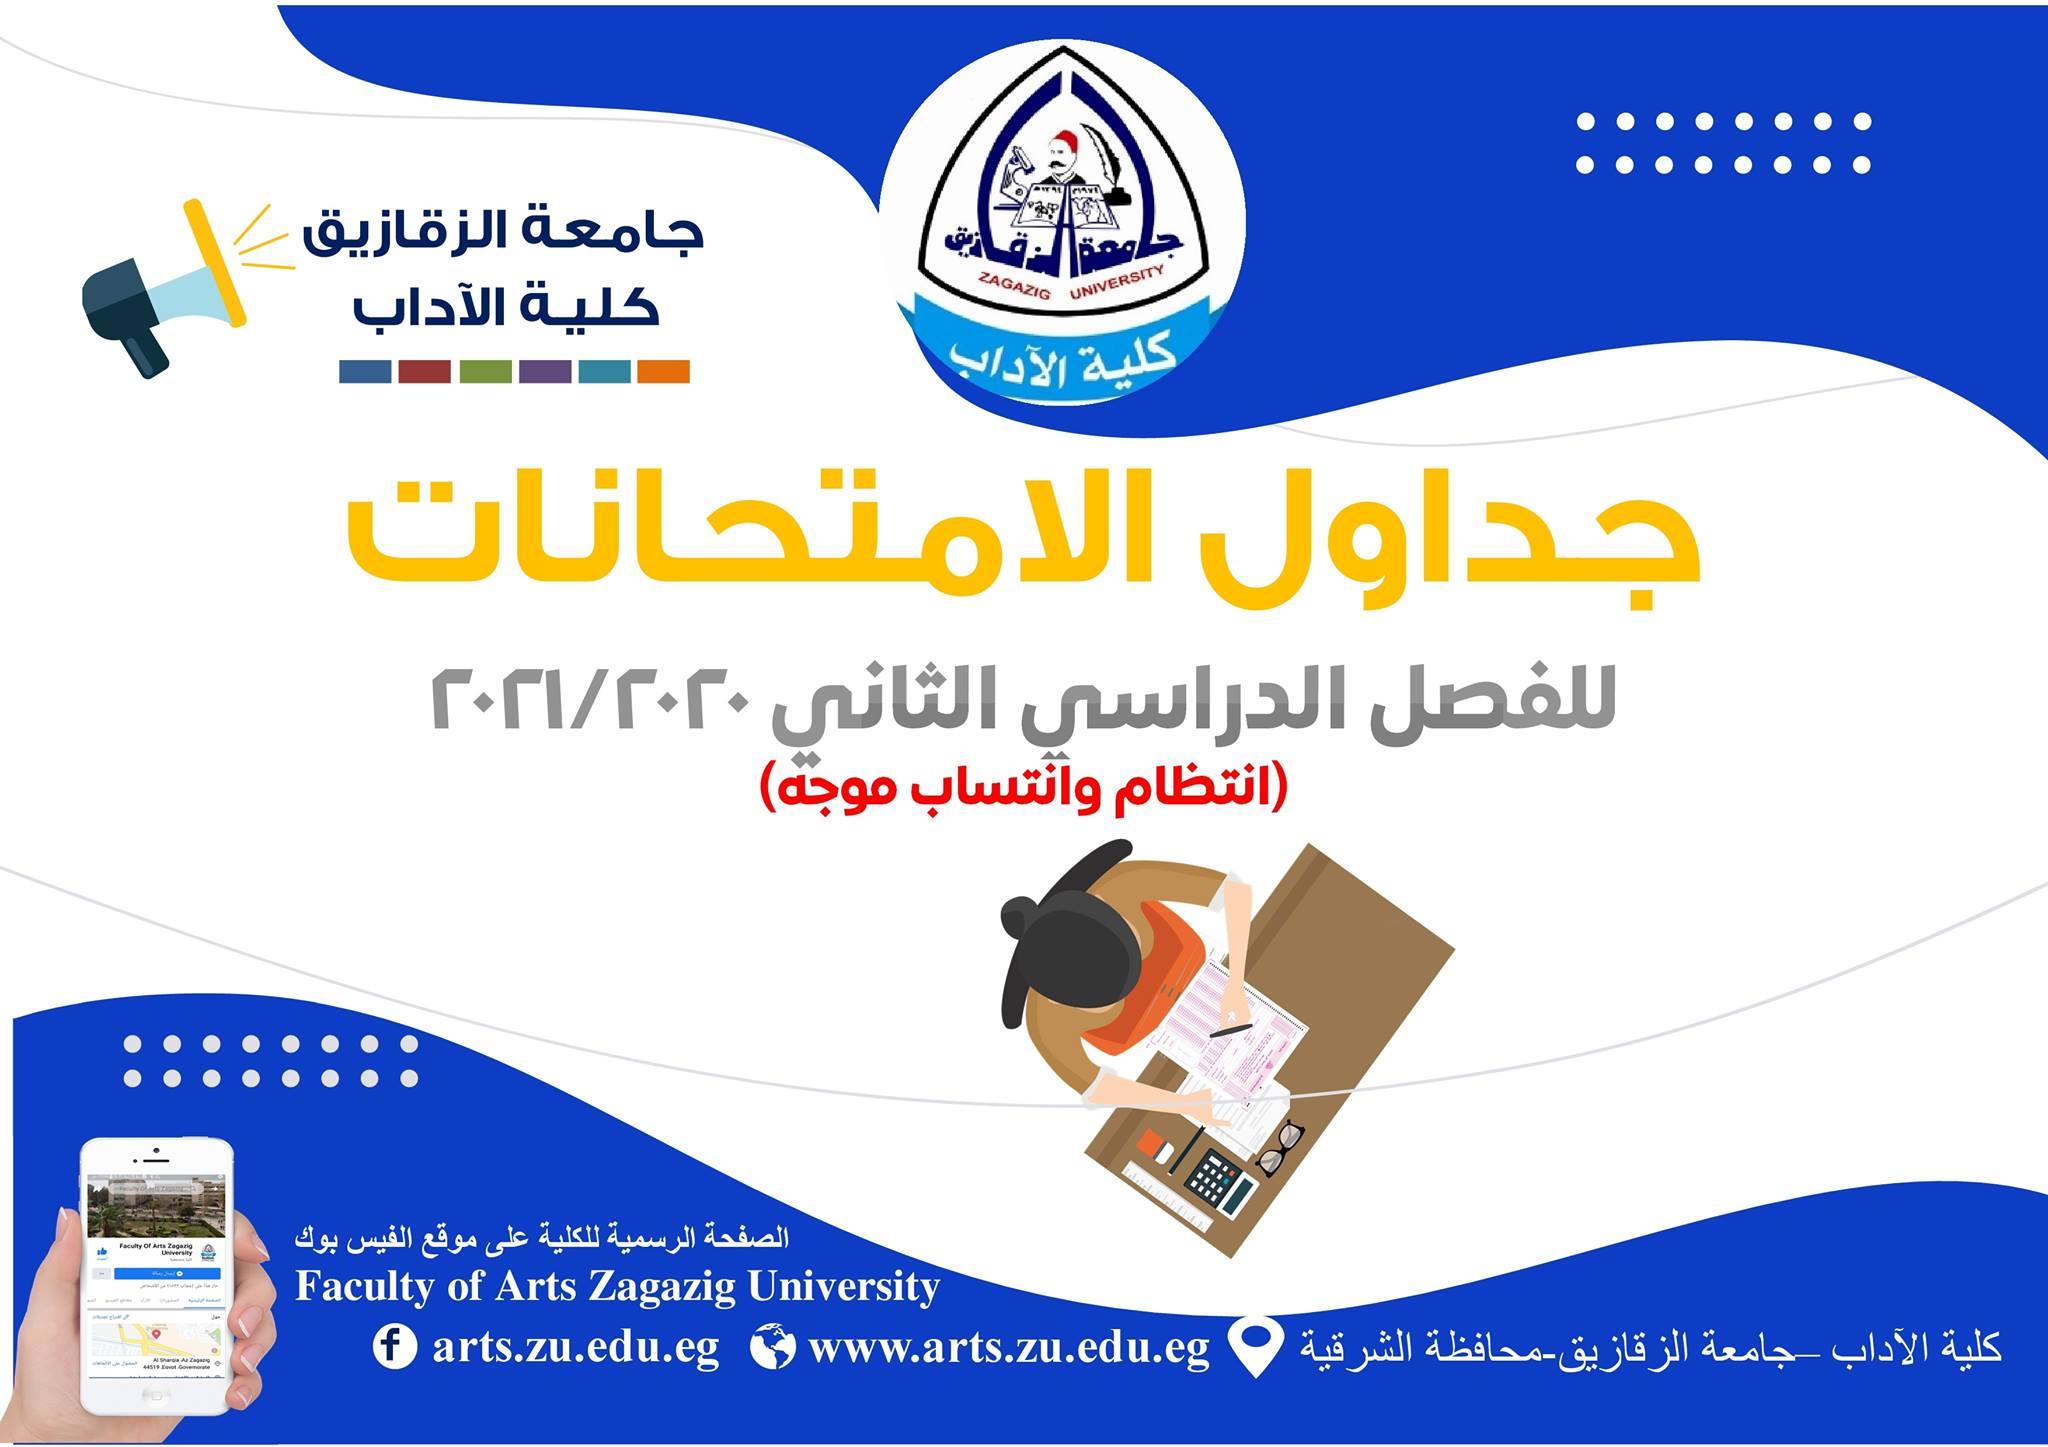 اعلان جدول امتحانات الفصل الدراسي الثاني للعام الجامعي 2021/2020 بكلية الآداب جامعة الزقازيق.